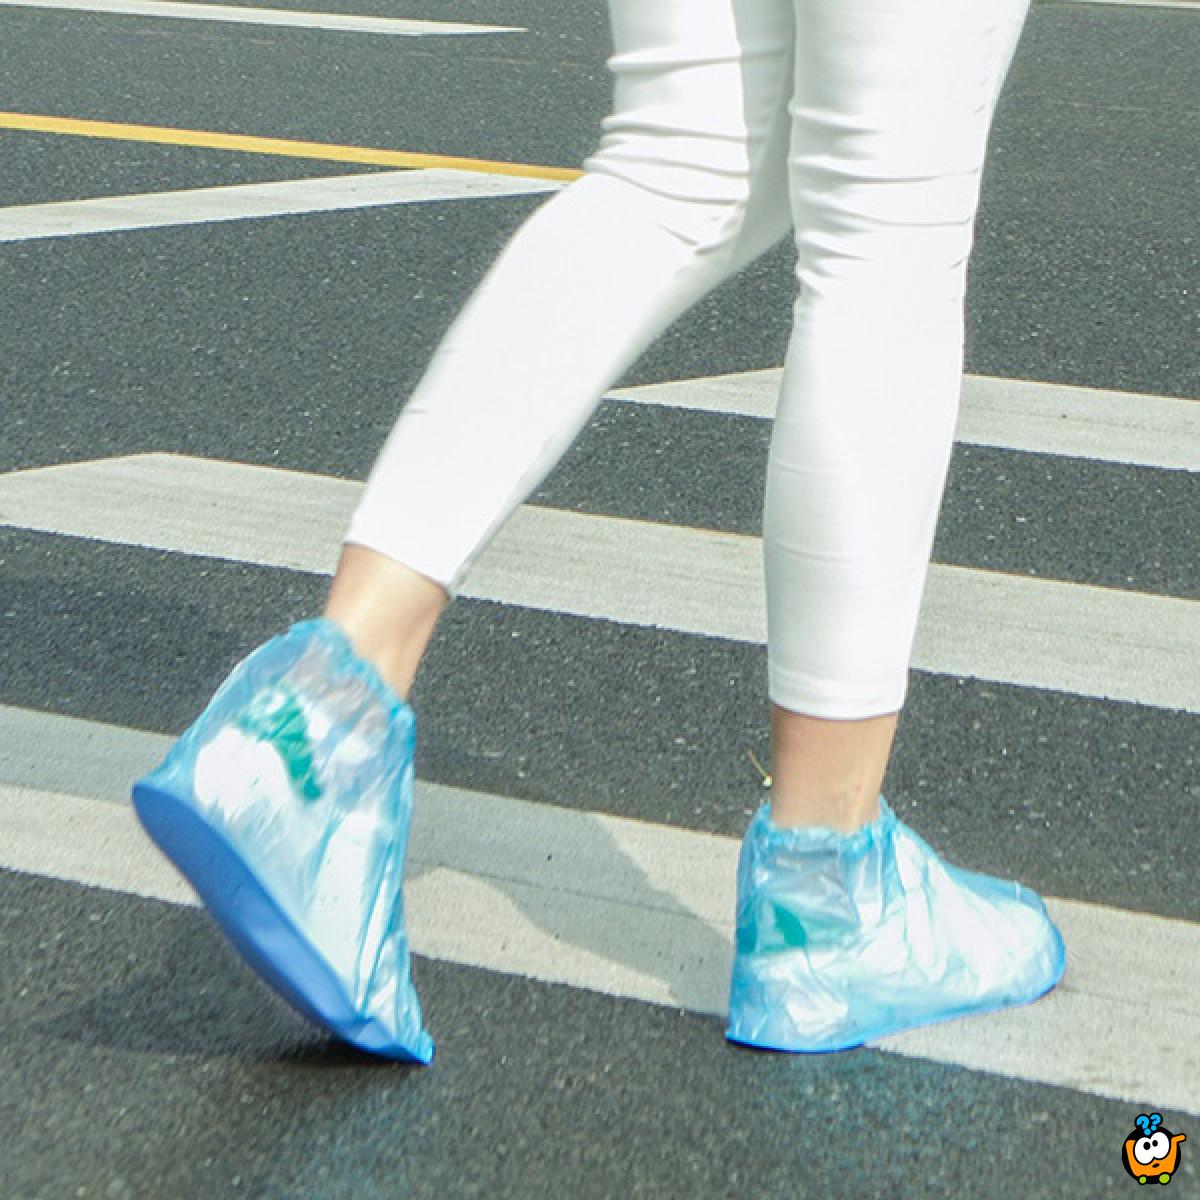 Kabanica za obuću - Zaštita od kiše i snega